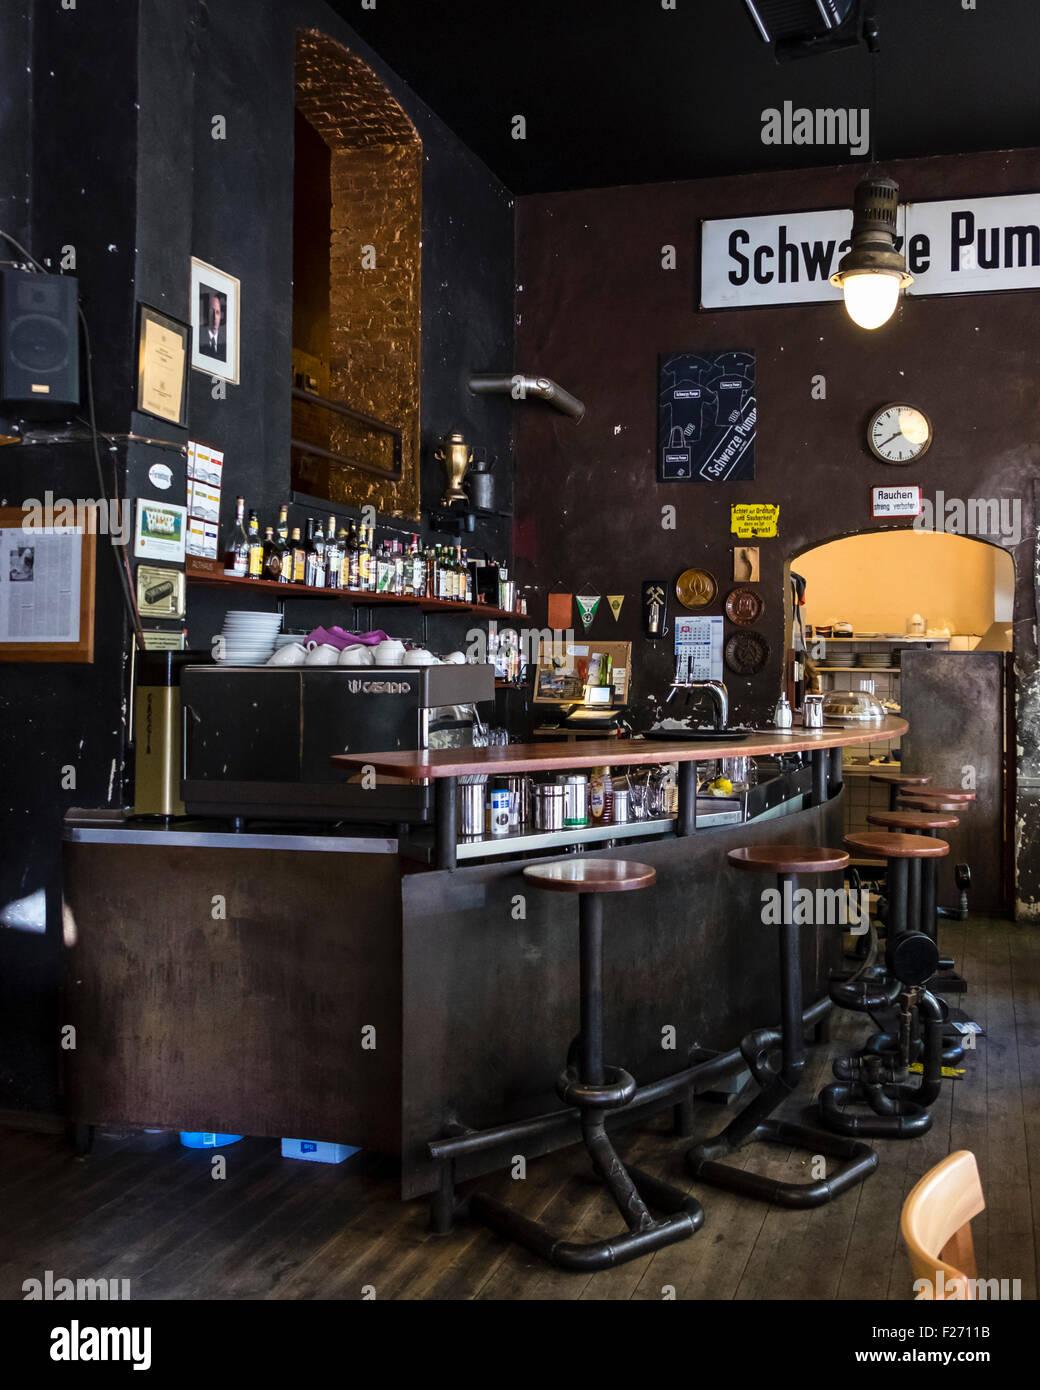 Pub Bar Food Not Exterior Pump Stockfotos & Pub Bar Food Not ...